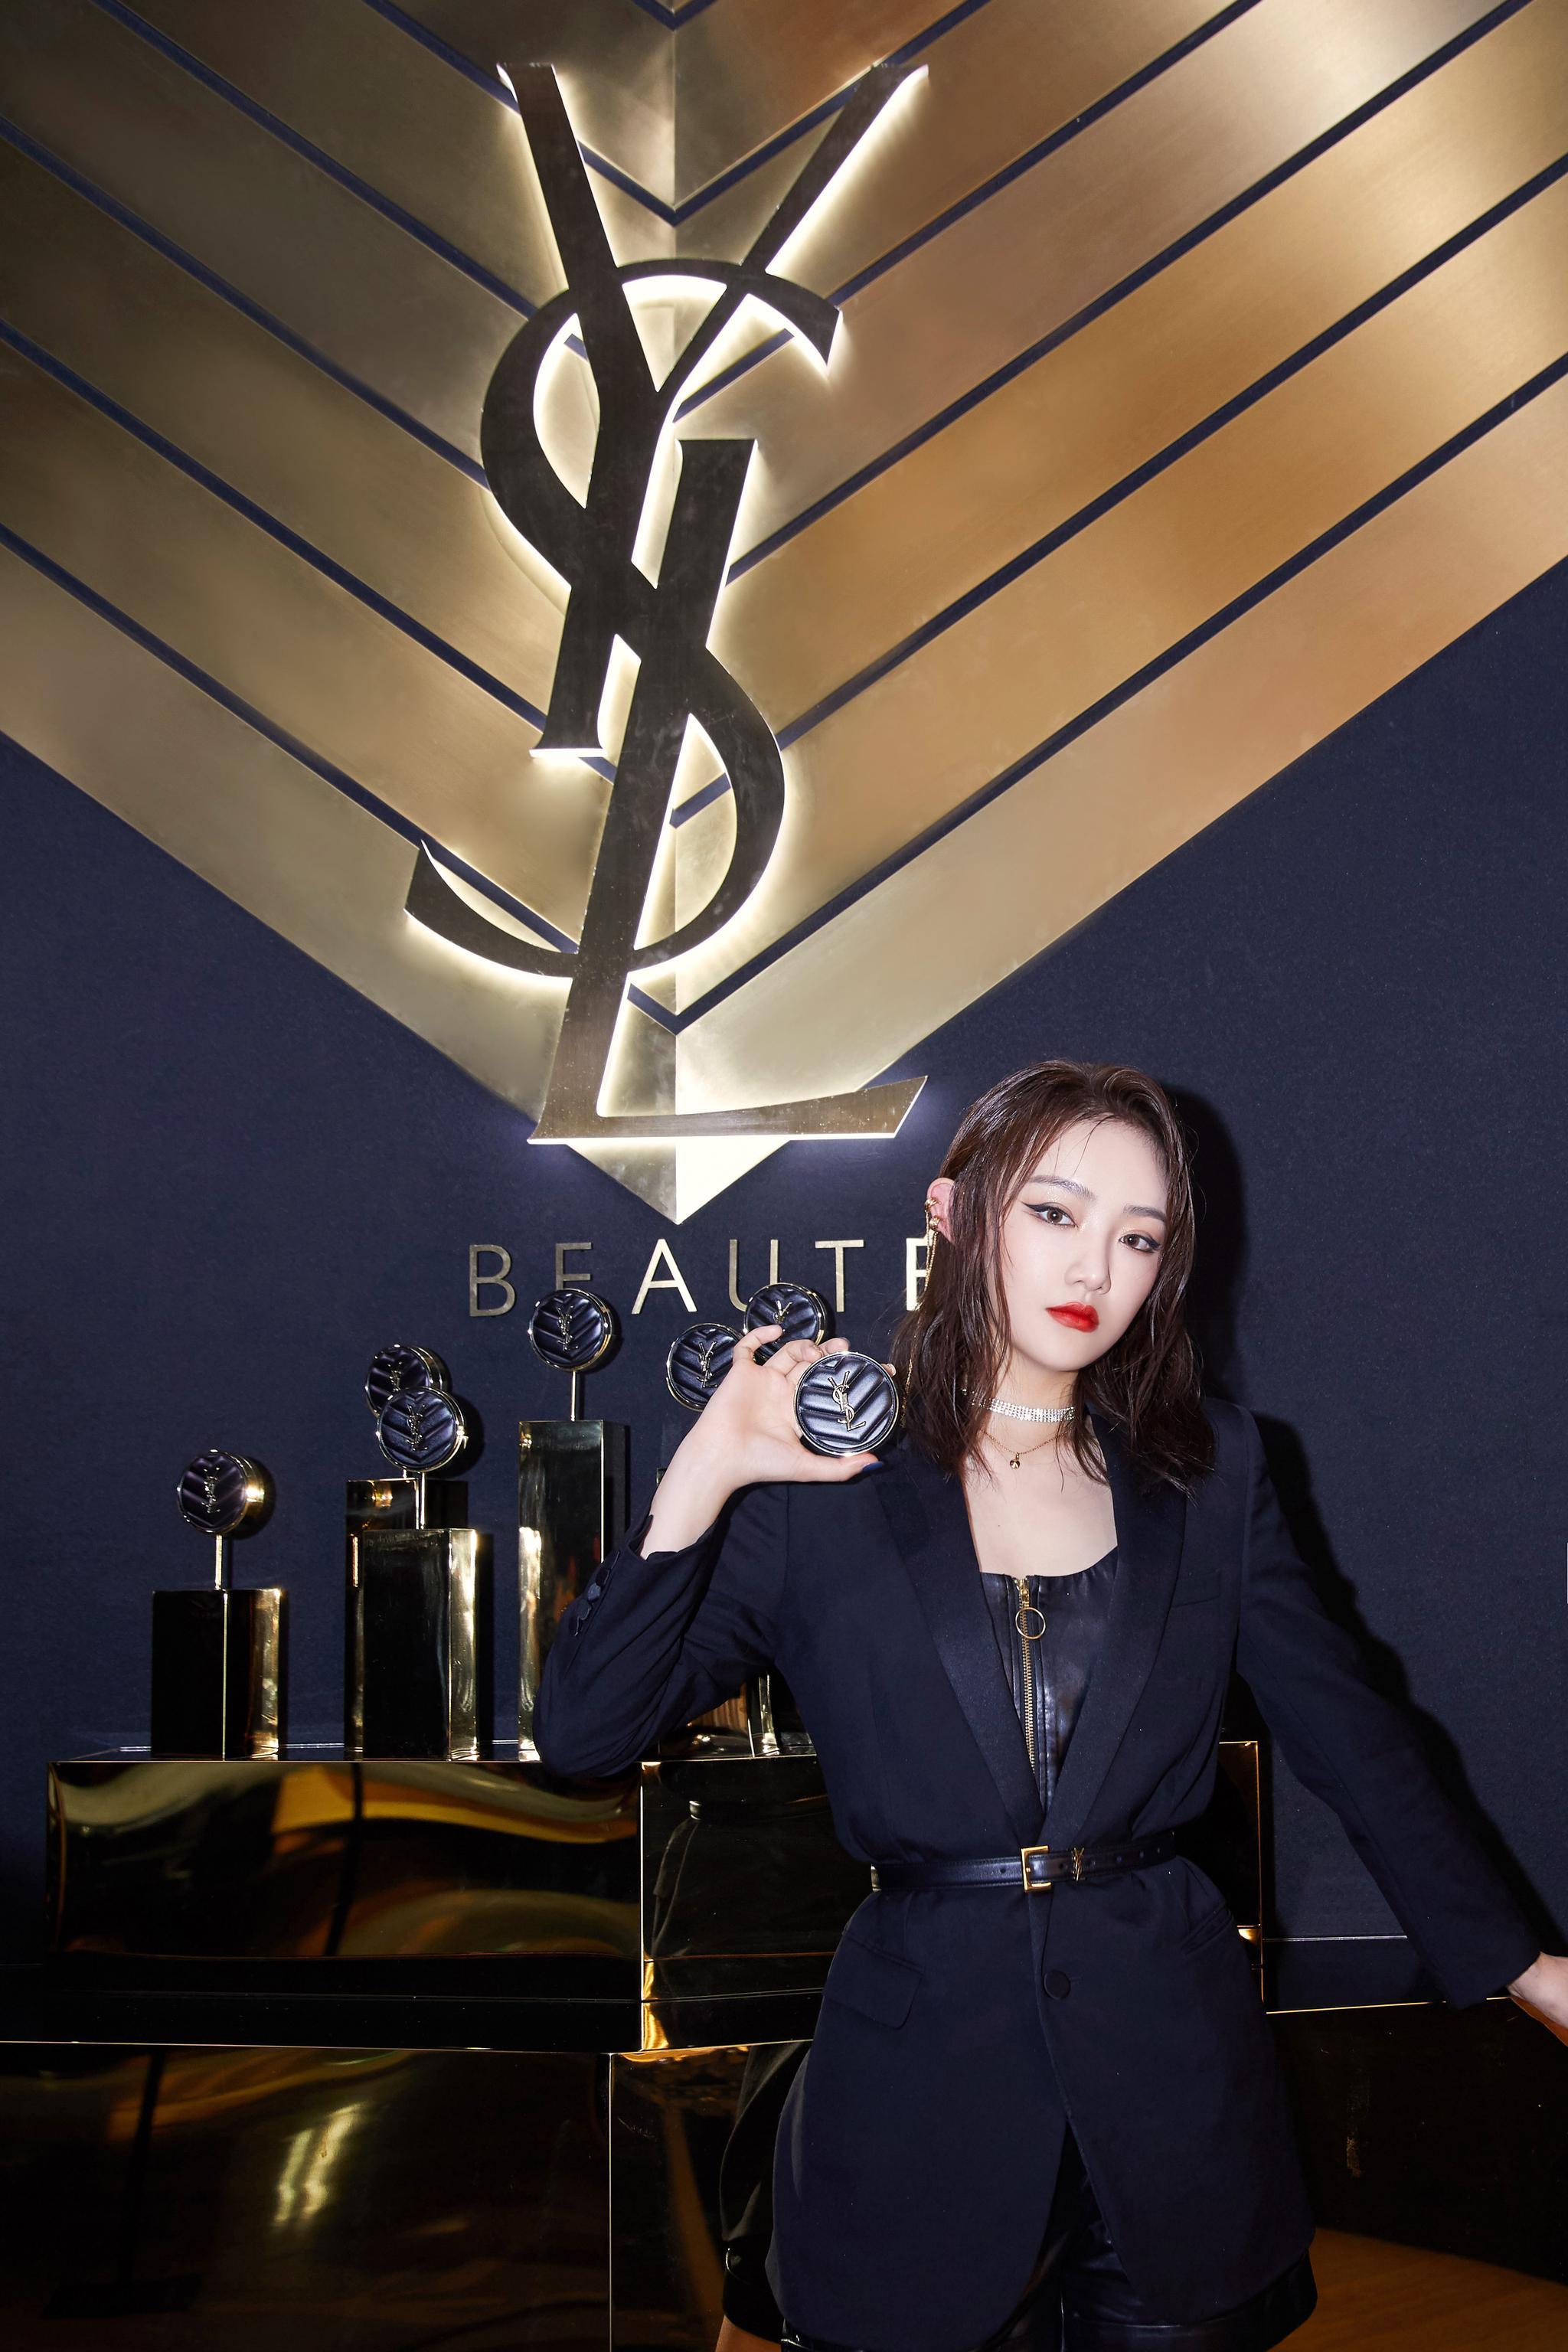 欢娱影视演员@吴佳怡_six 今日出席YSL 高定时「妆」发布会